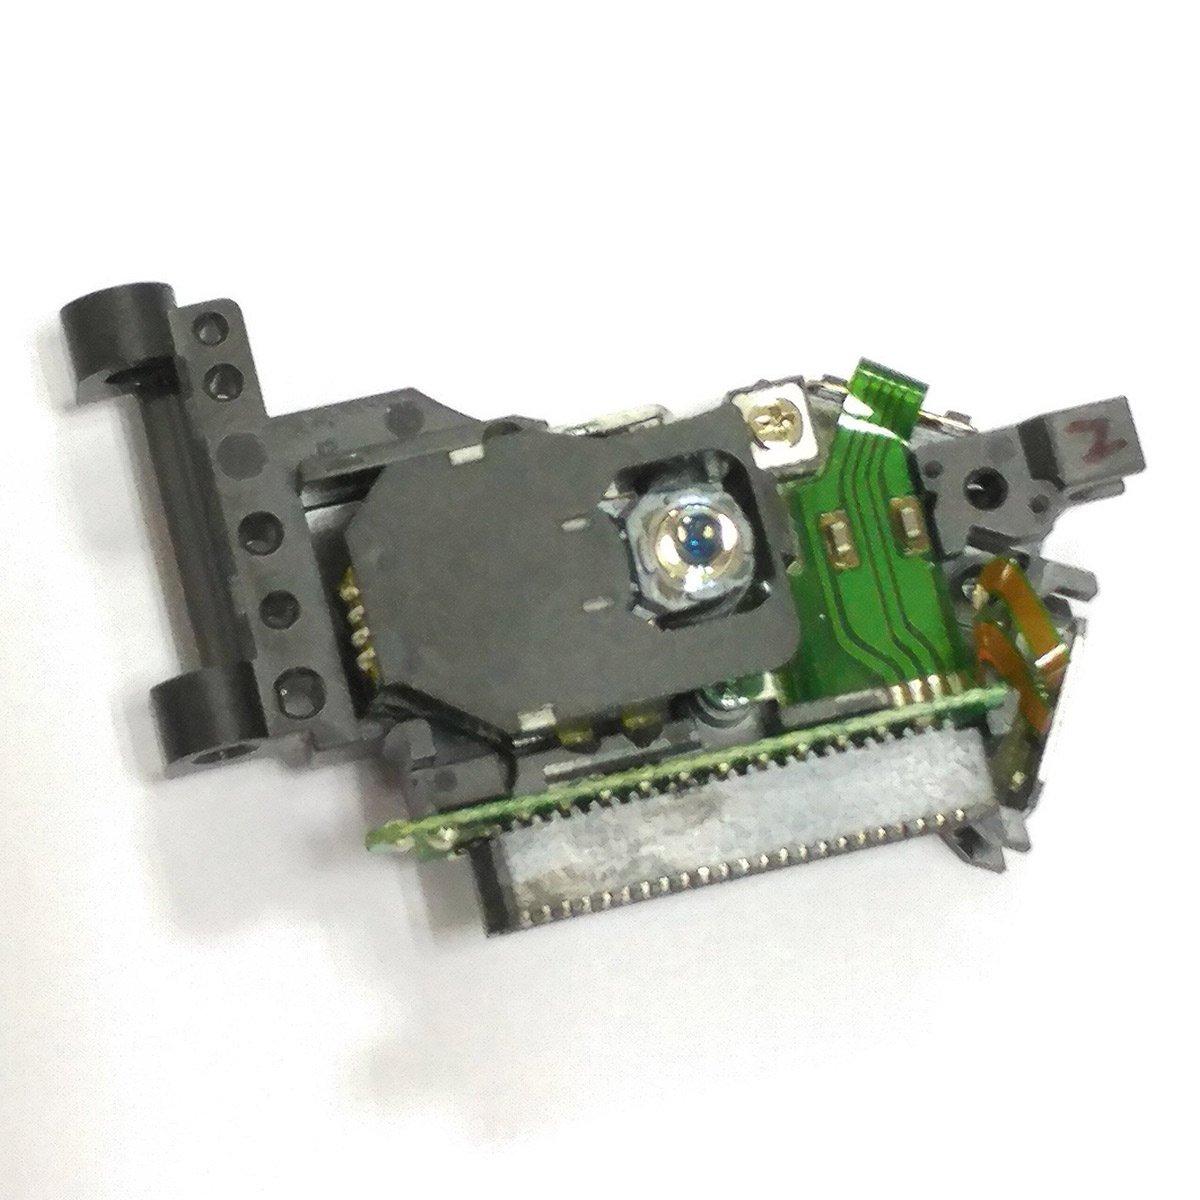 Original SACD Optical Pickup for eMM Labs Meitner Design XDS1 XDS1 SE XDS1 V2 SACD Laser Lens by Allpartz